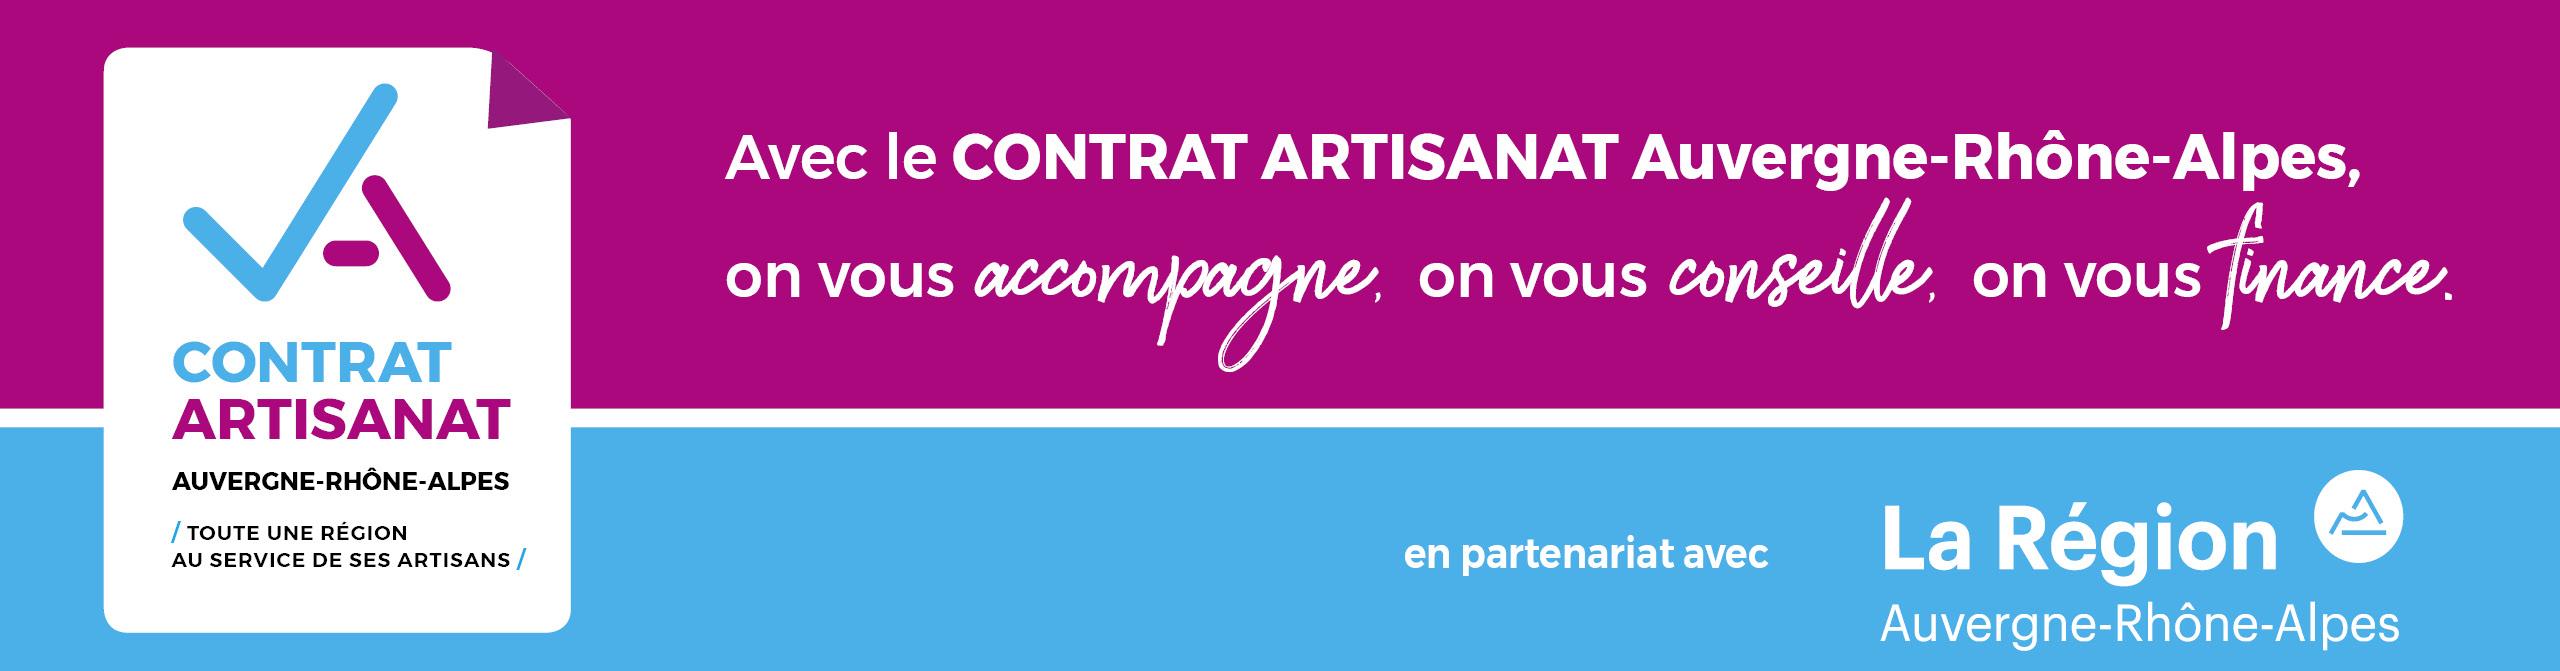 Chambre Régionale de Métiers et de l'Artisanat Auvergne ...